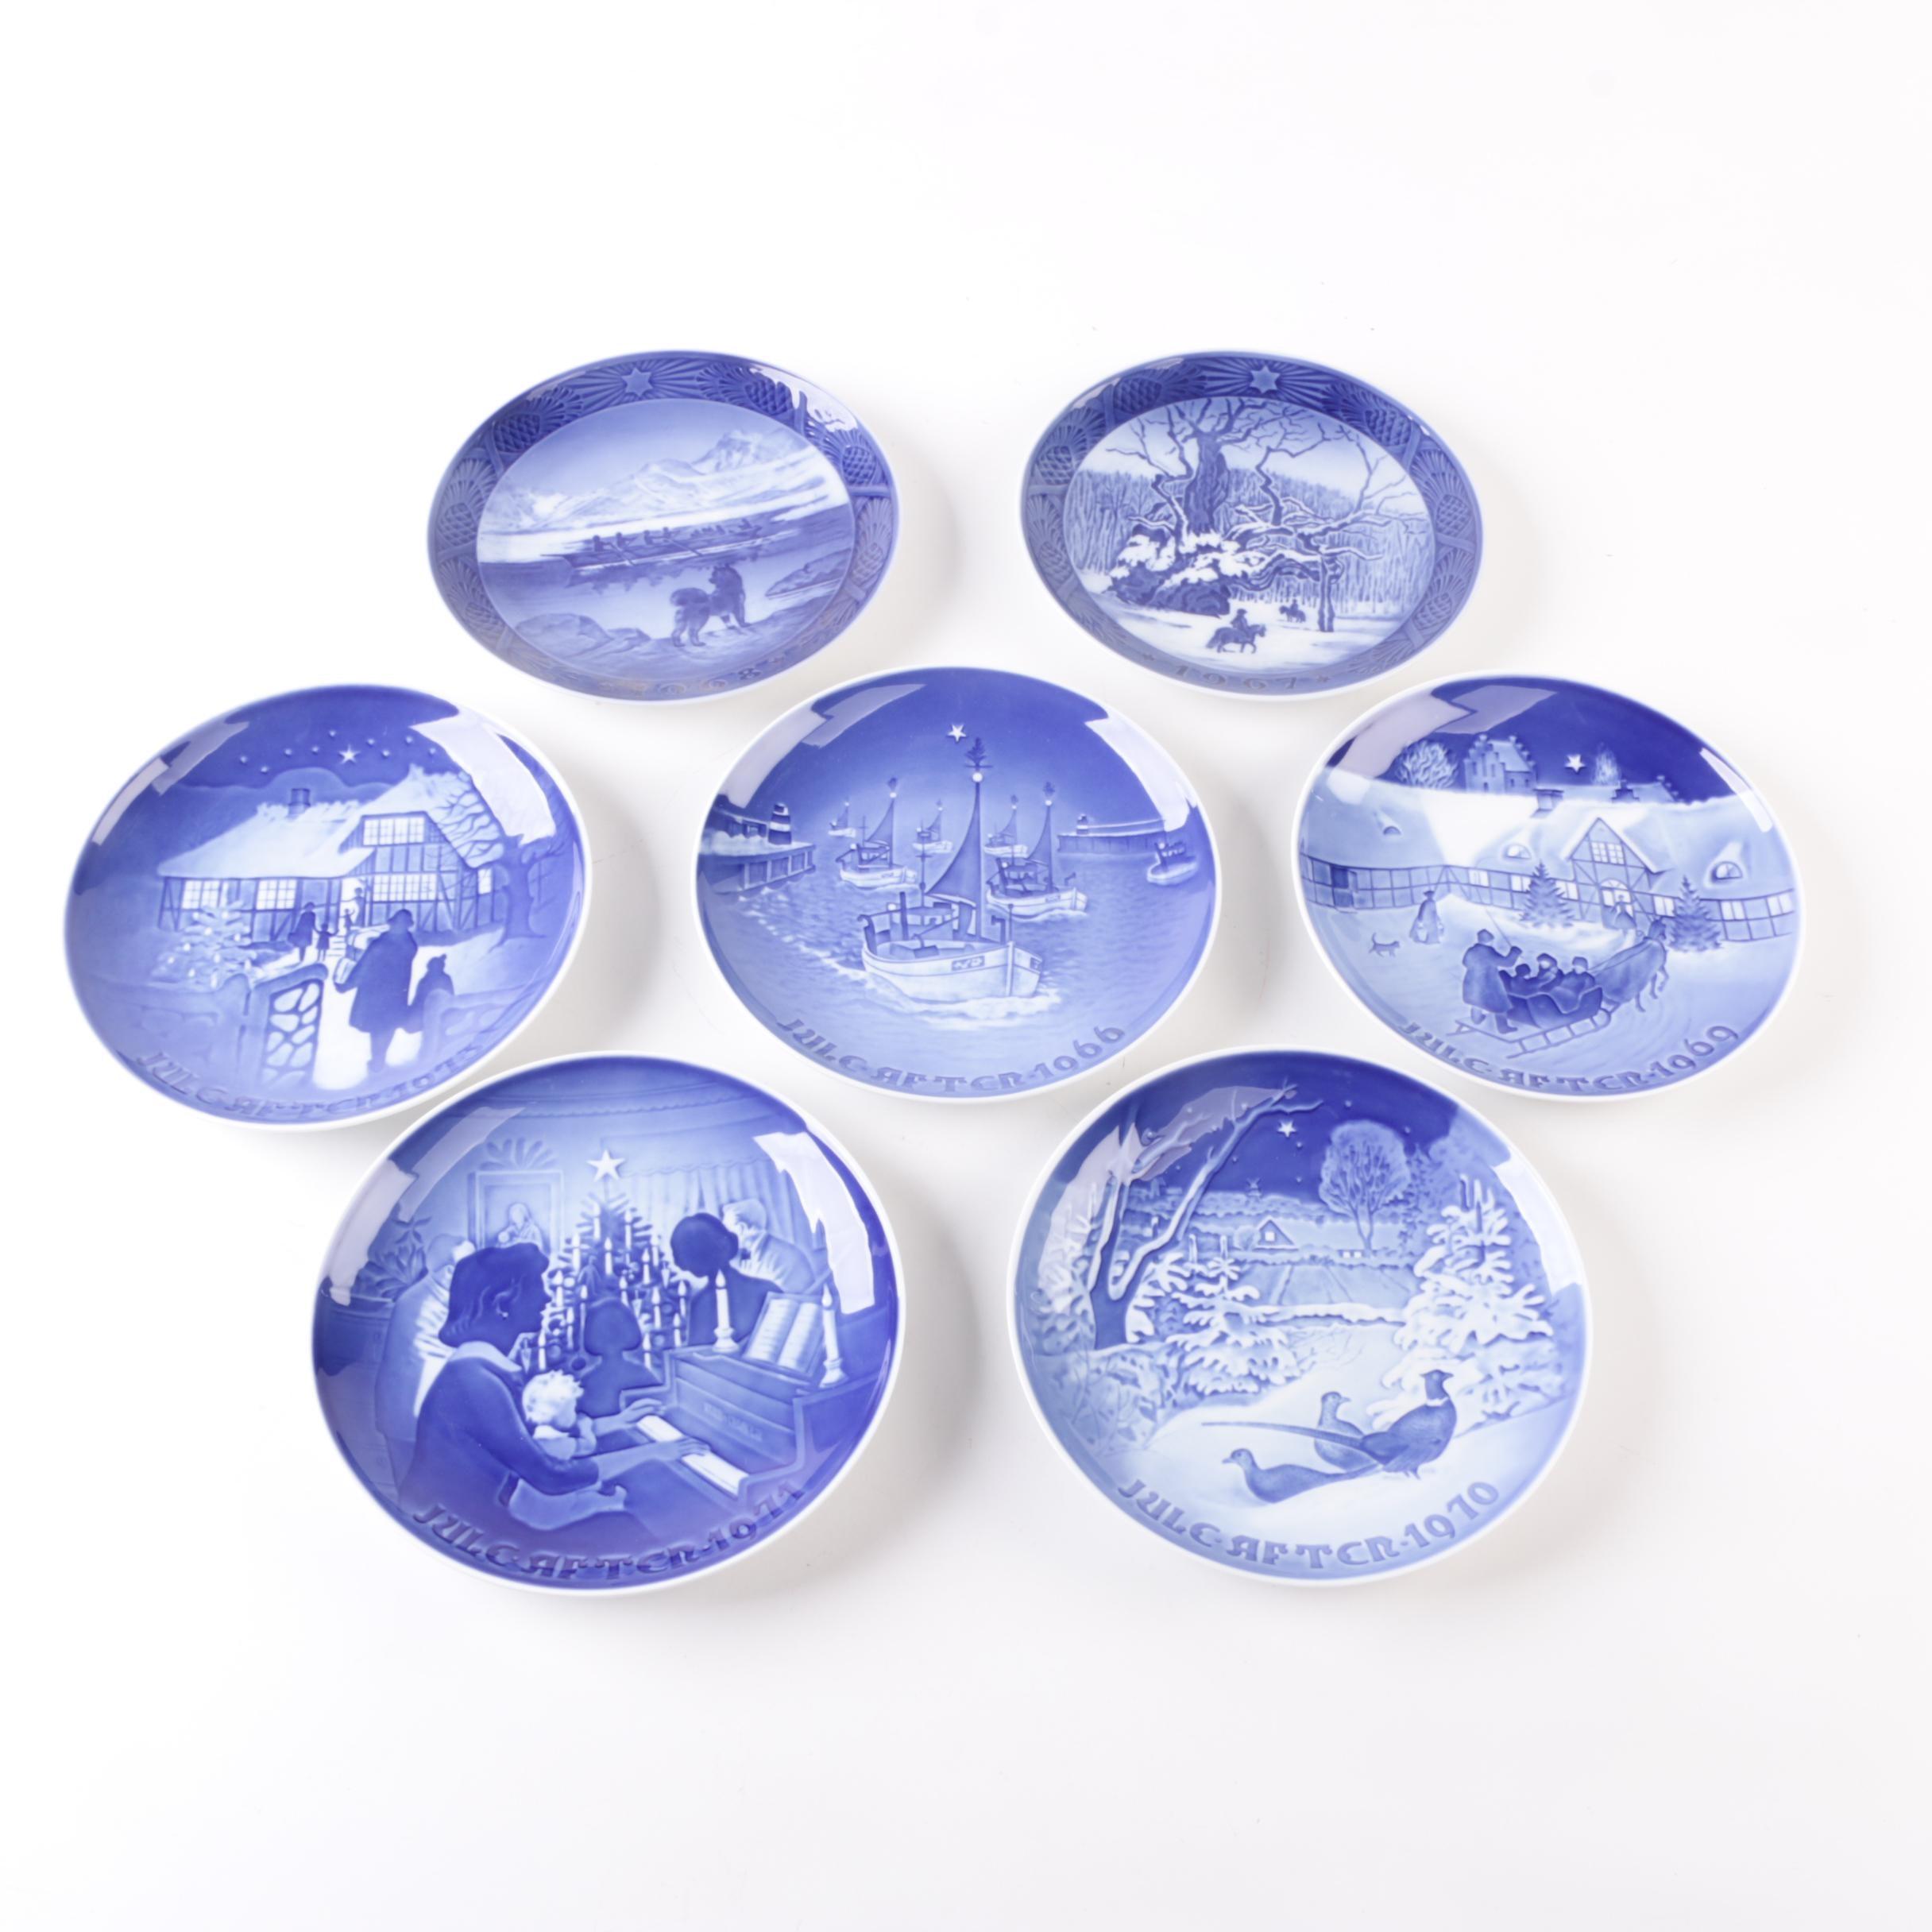 Vintage Bing & Grøndahl Porcelain Collector's Plates ca. 1966-73